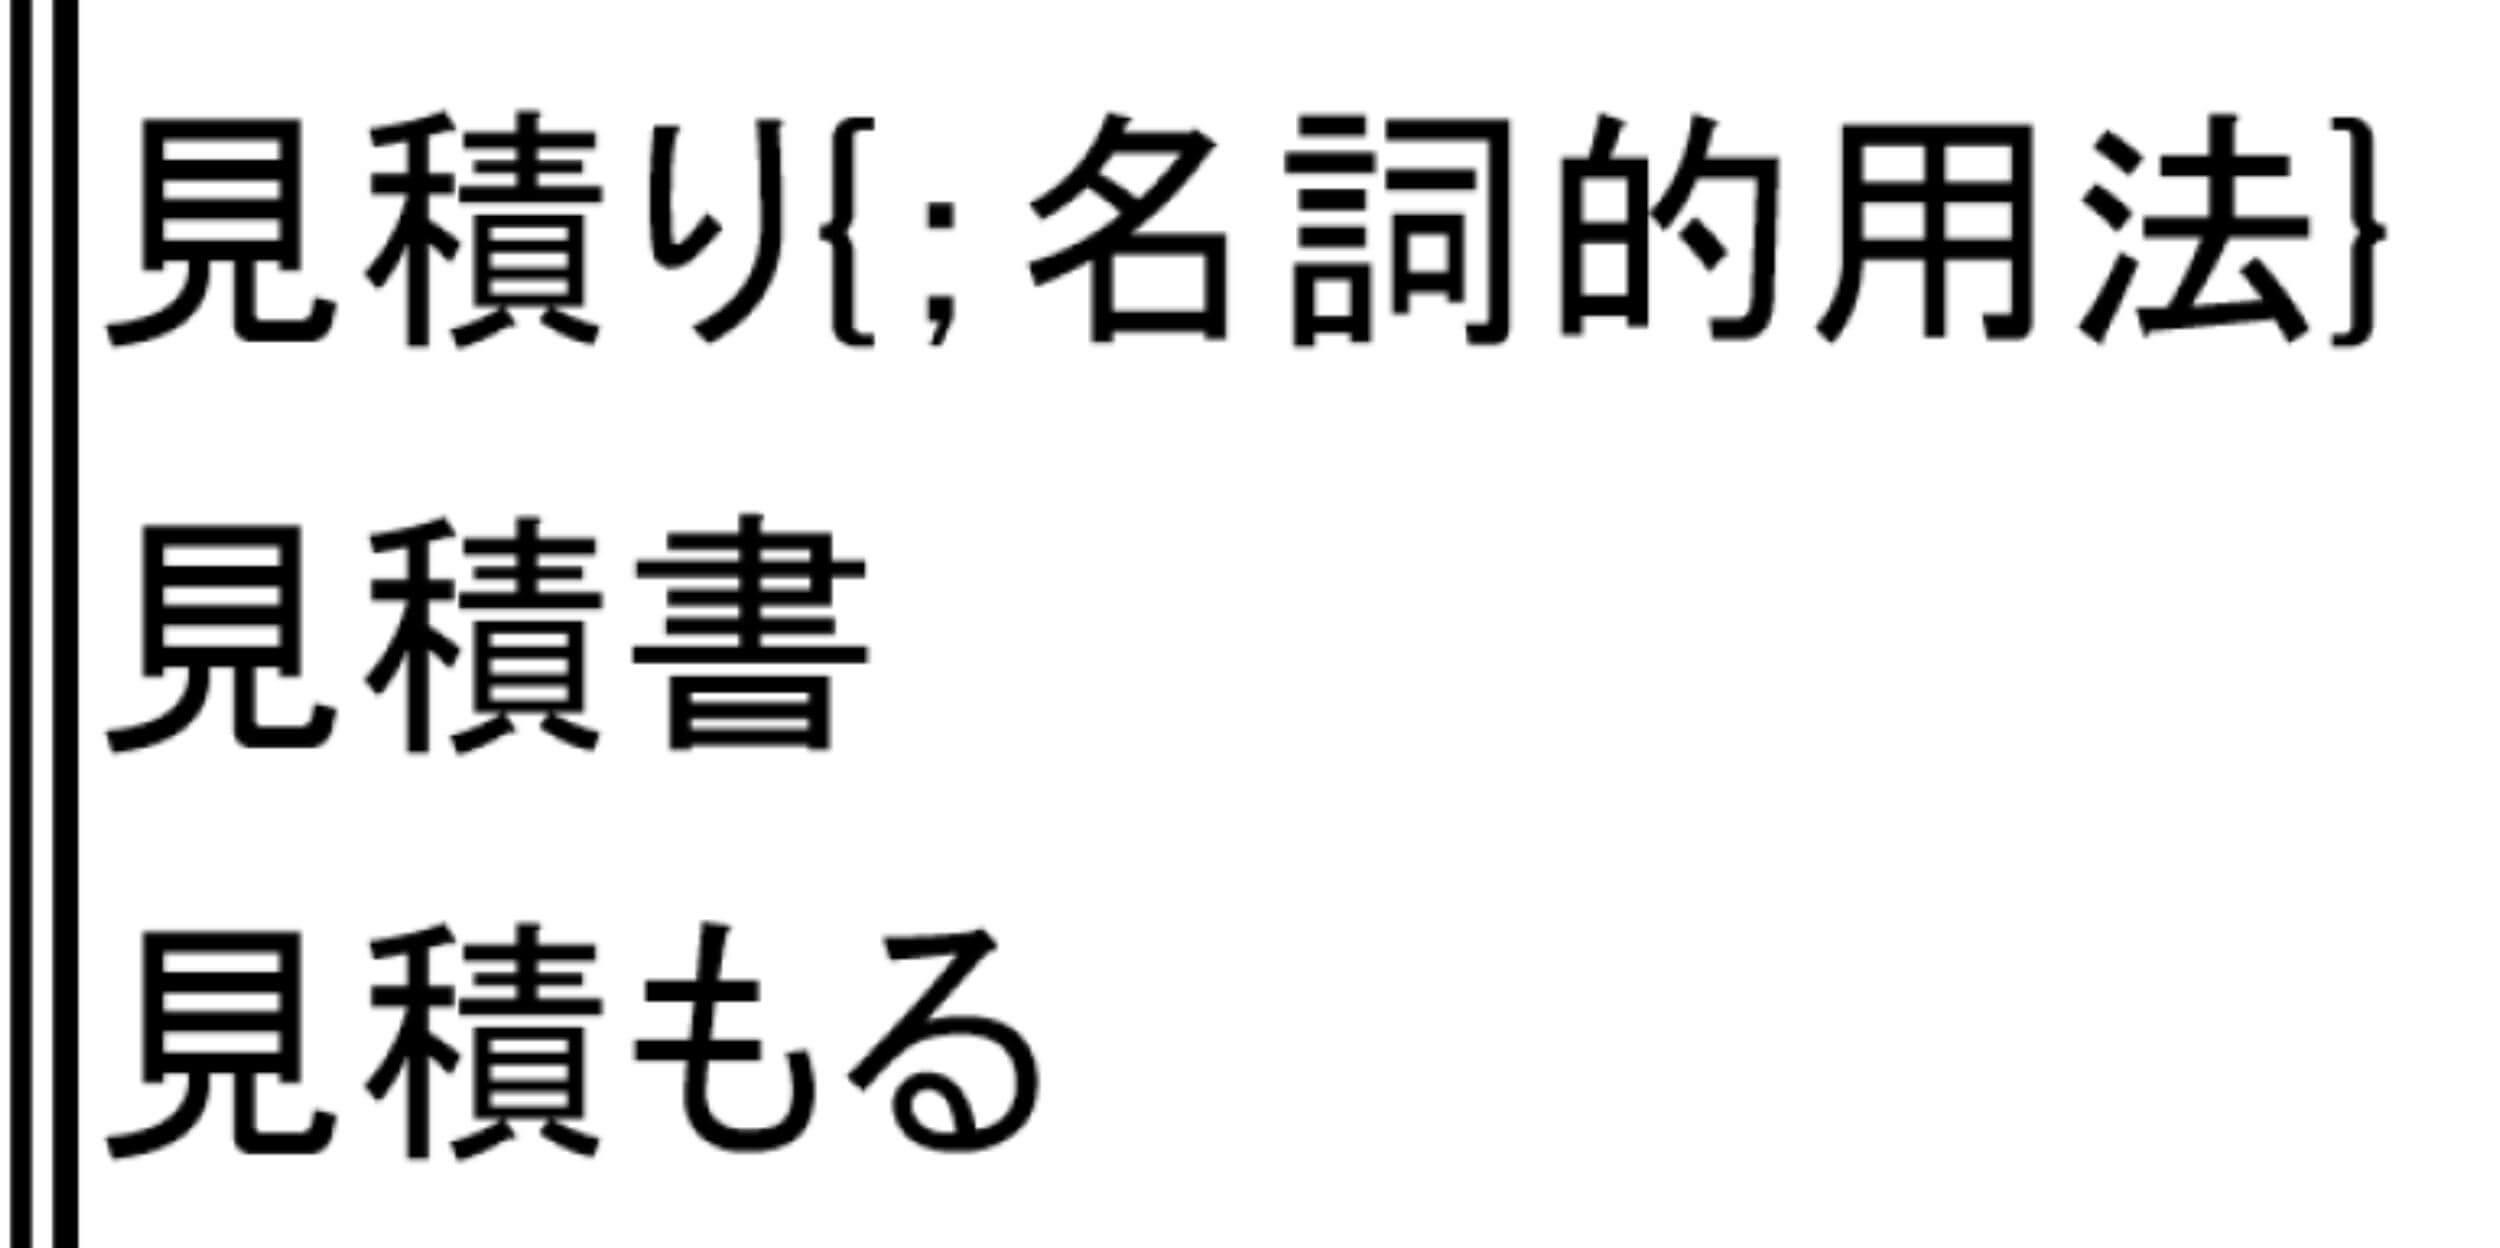 紅葉が美しい森 あずらい運営報告【2018年10月】 (1)